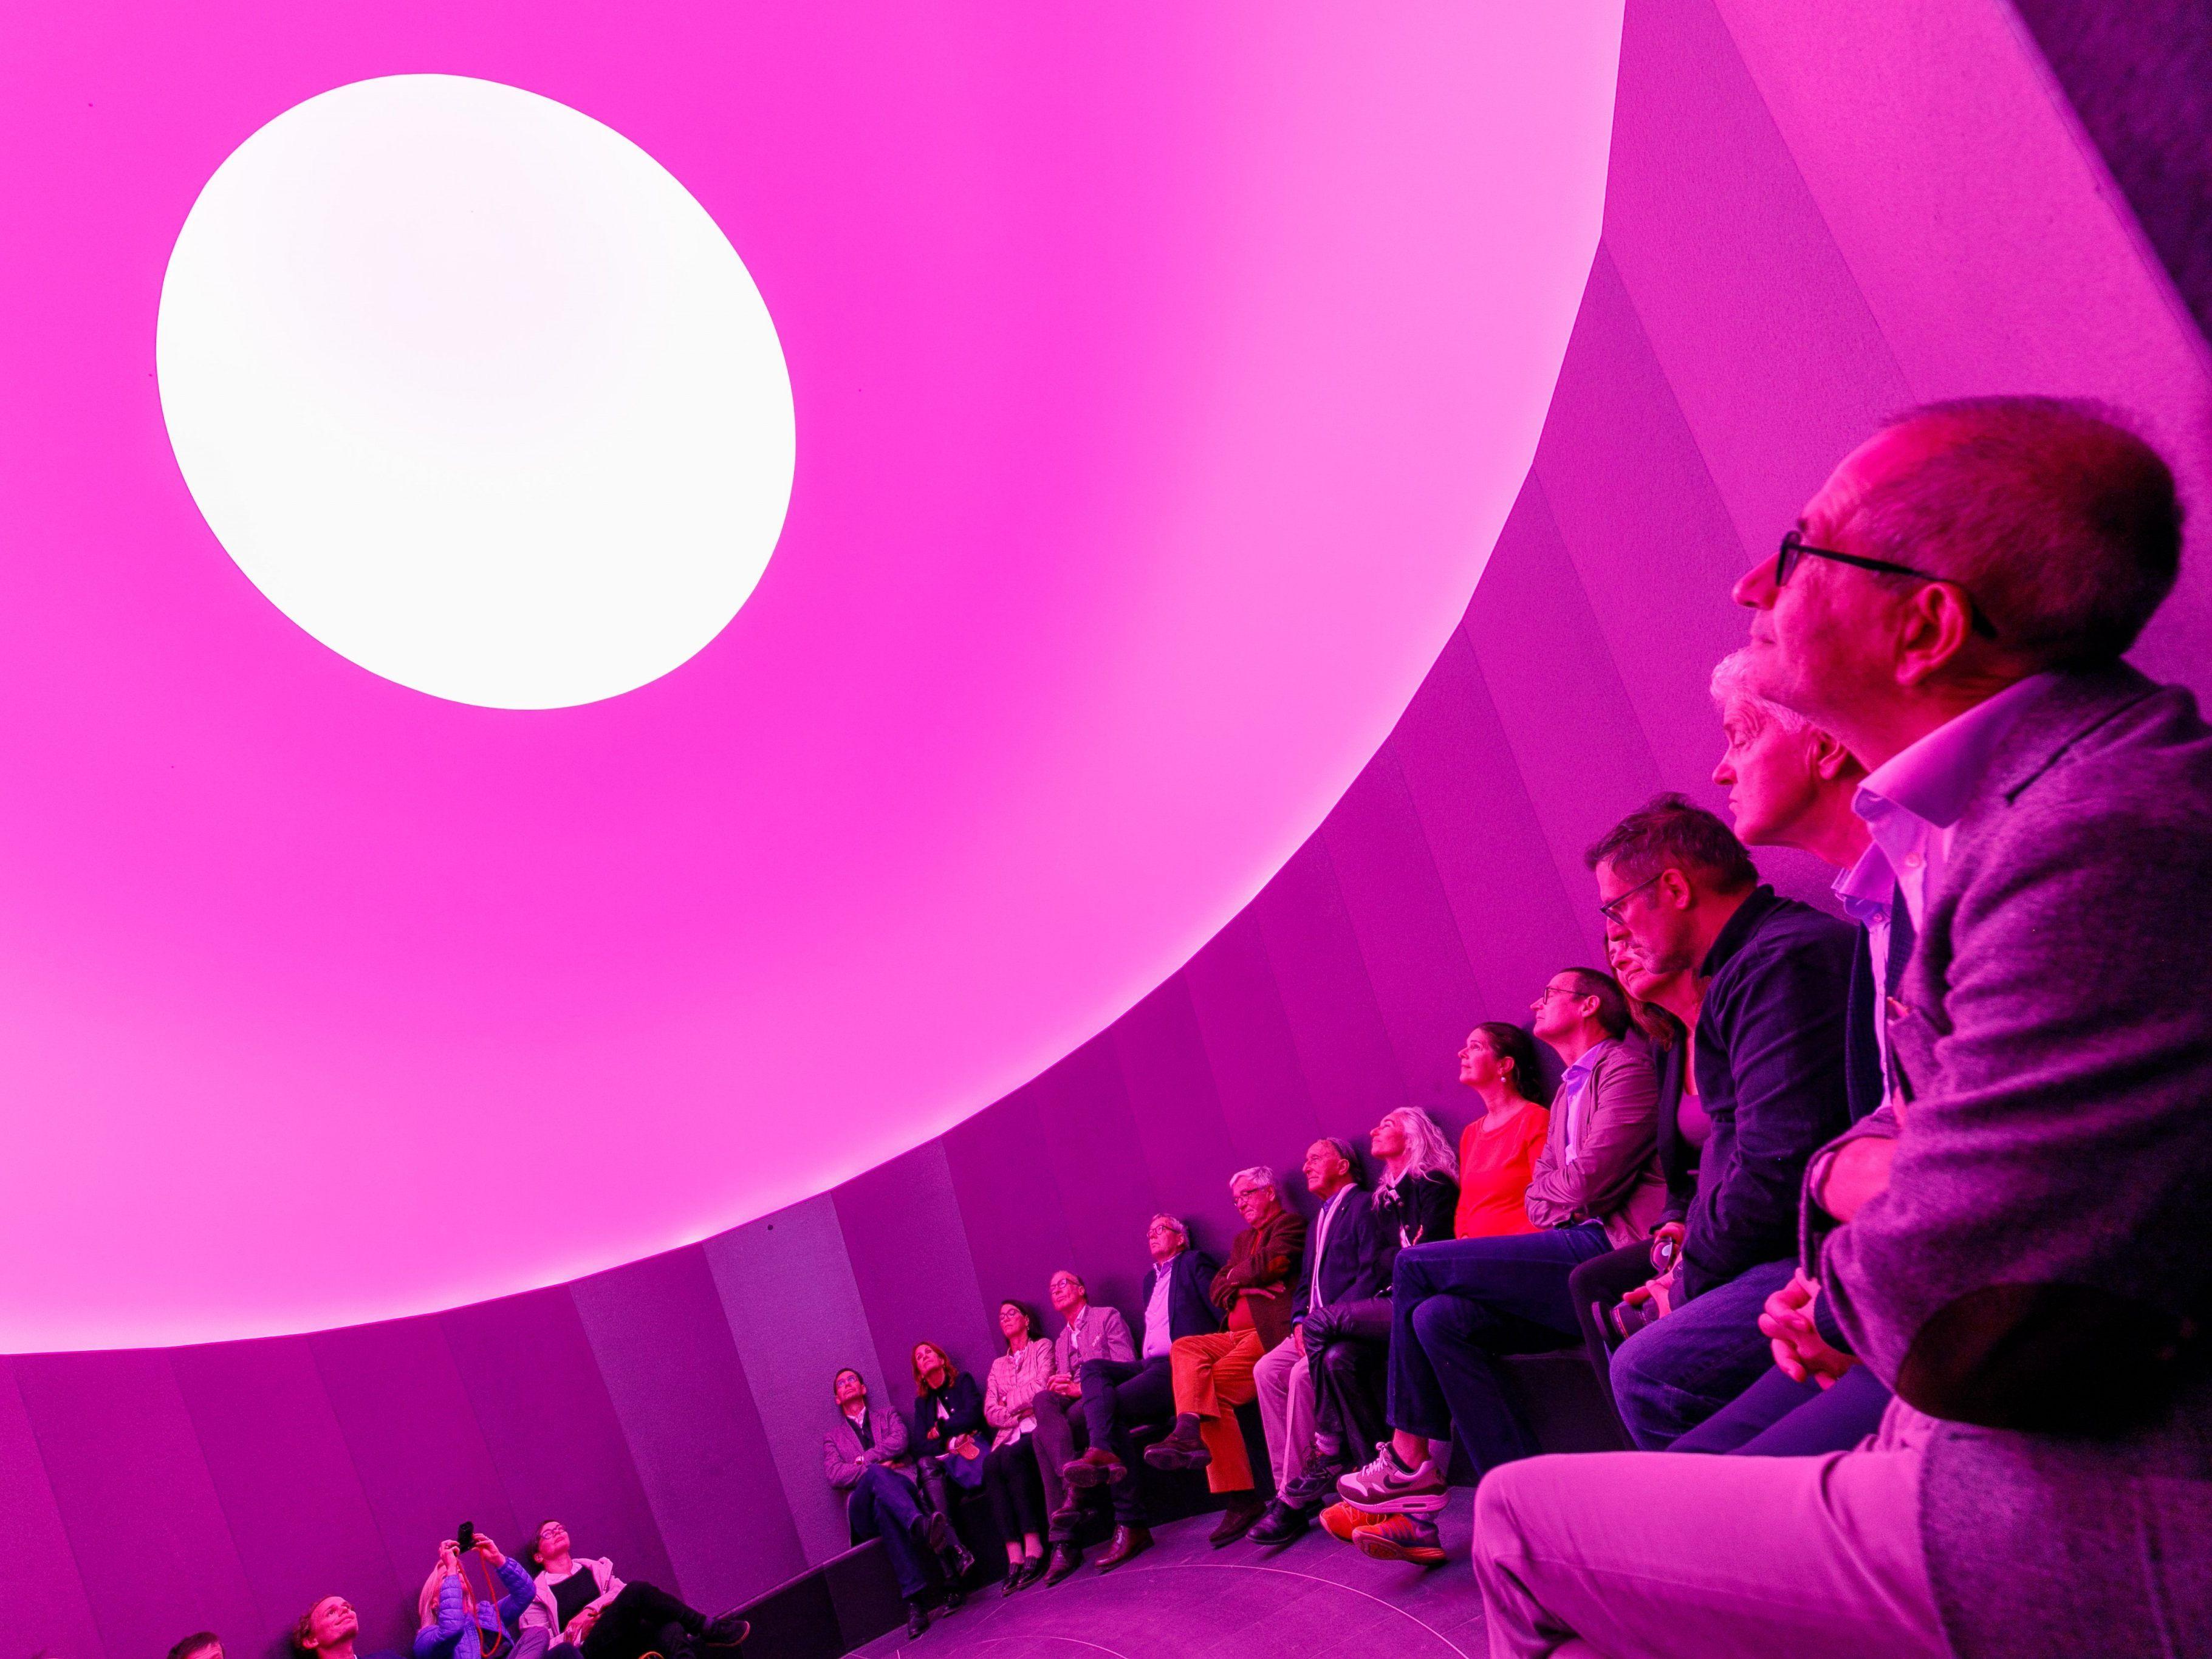 Vorarlberg: Skyspace Lech von James Turrell feierlich eröffnet